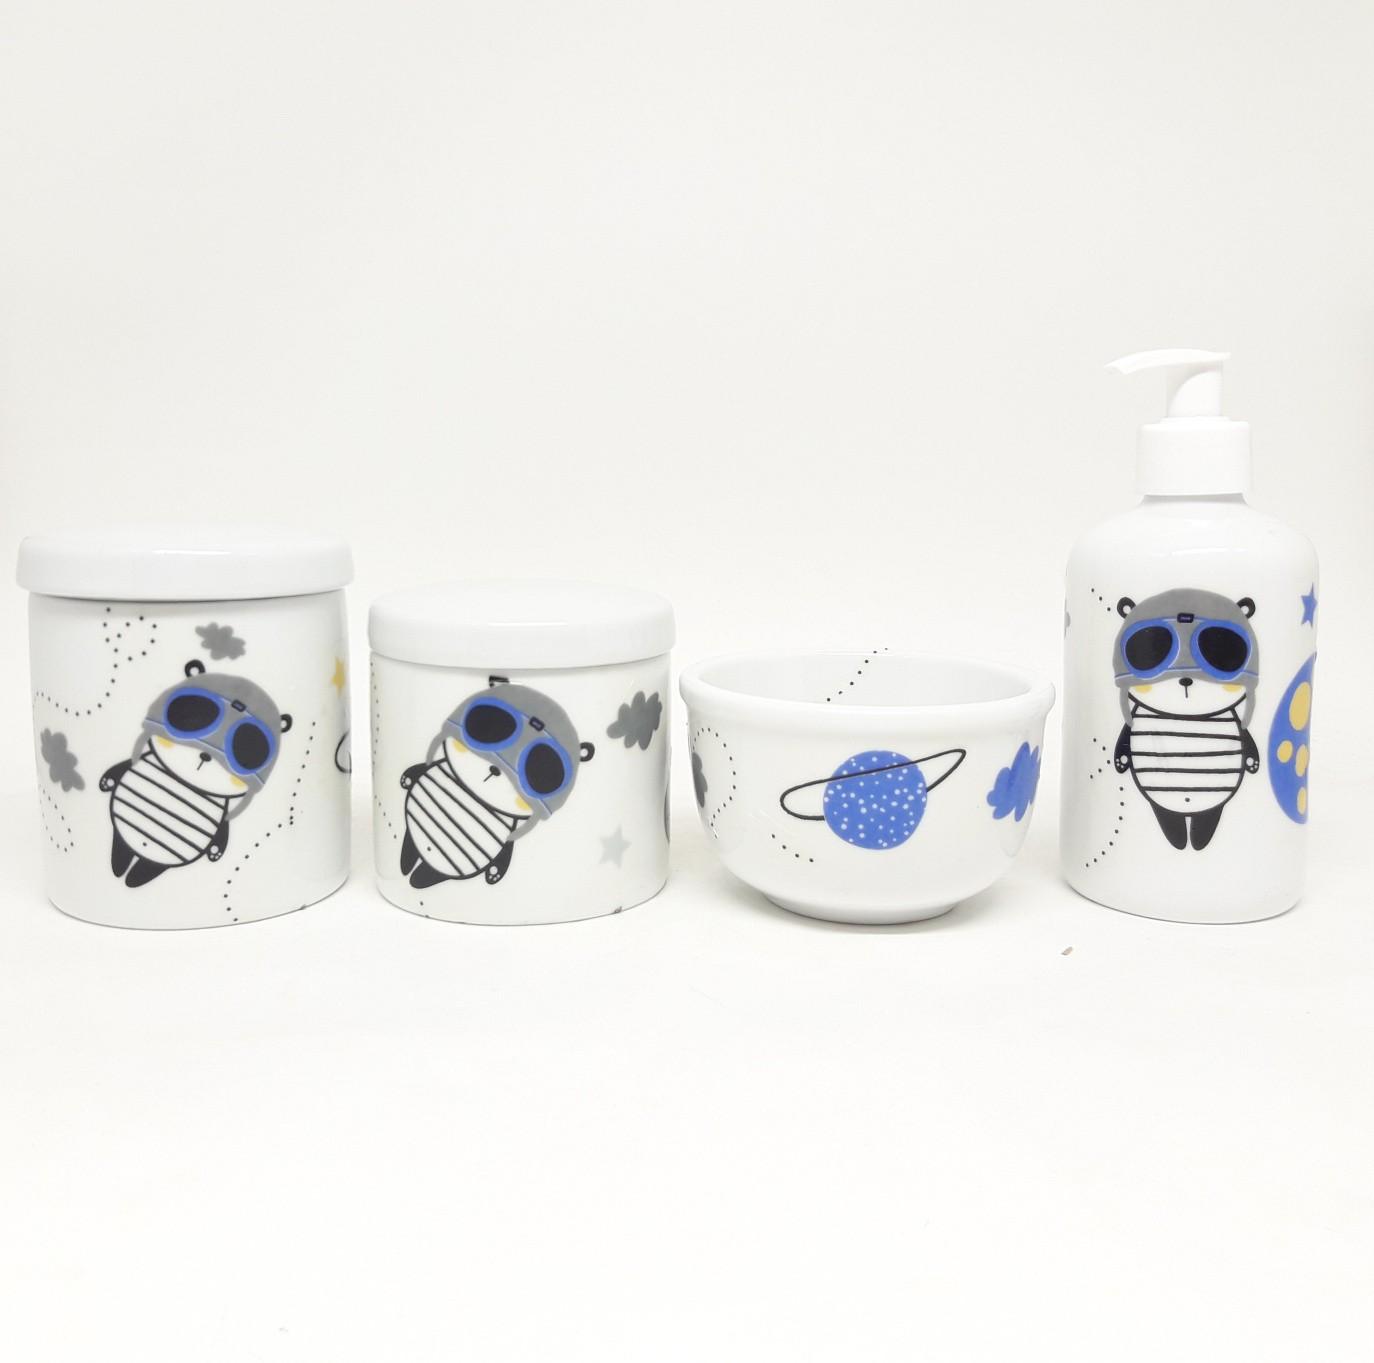 Kit Higiene Bebê Porcelana Astronauta e Planetas